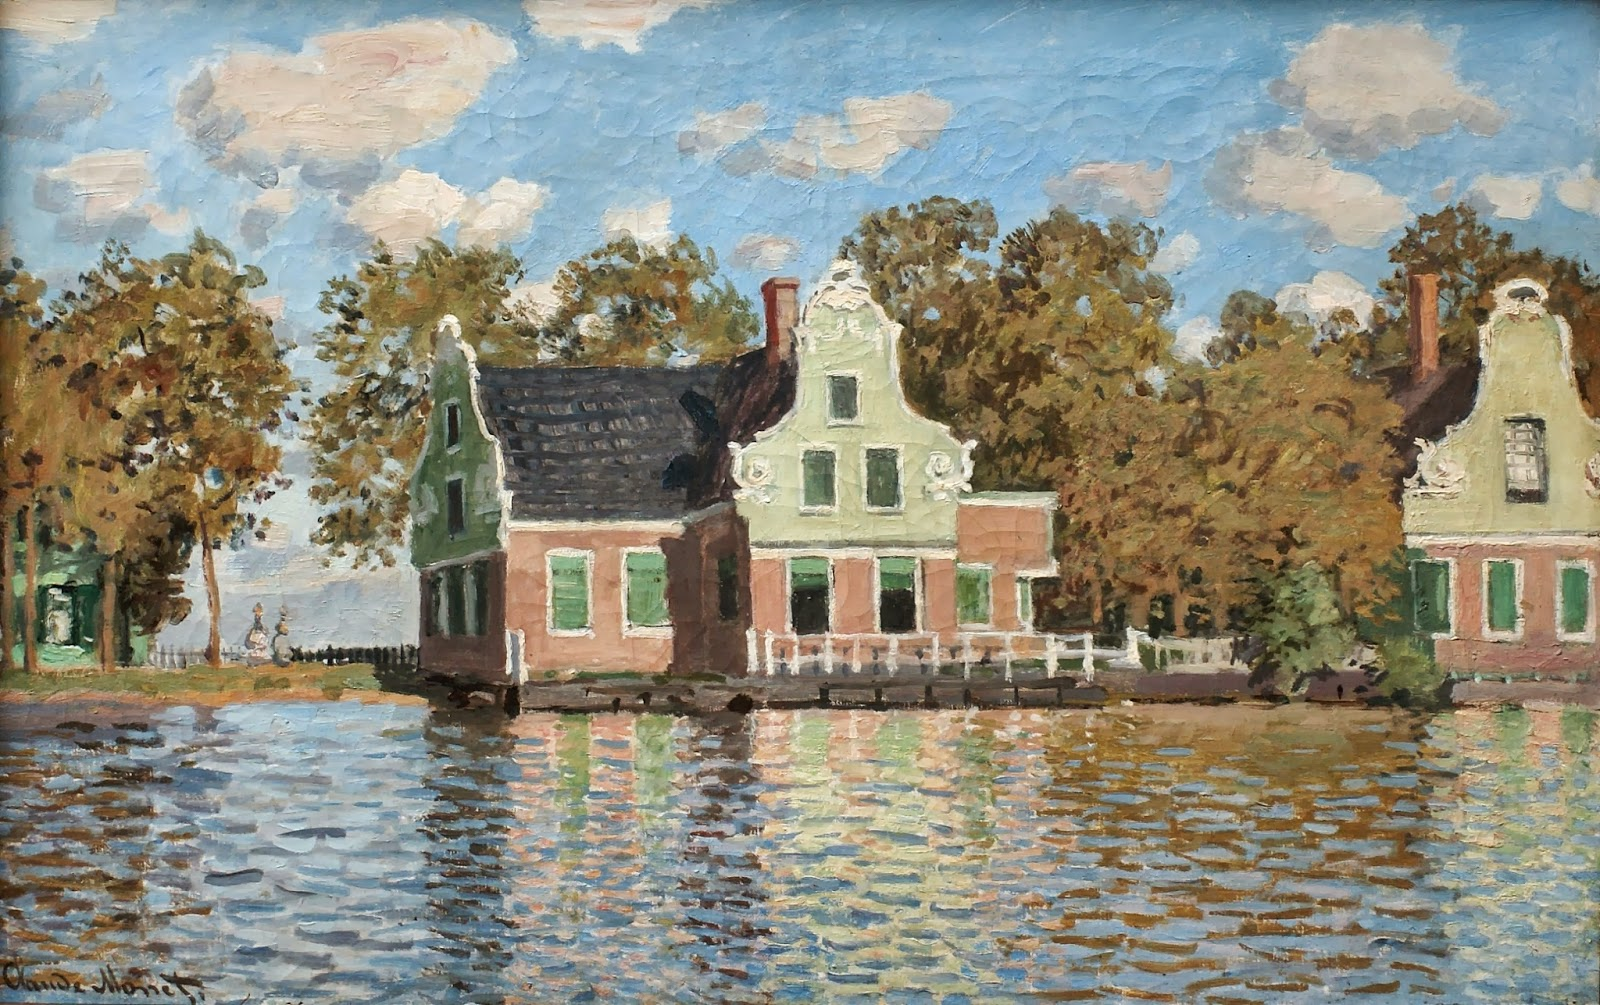 речной пейзаж < Дома на реке Заан, в городе Зандам  >:: Клод Моне, описание картины - Claude Monet фото